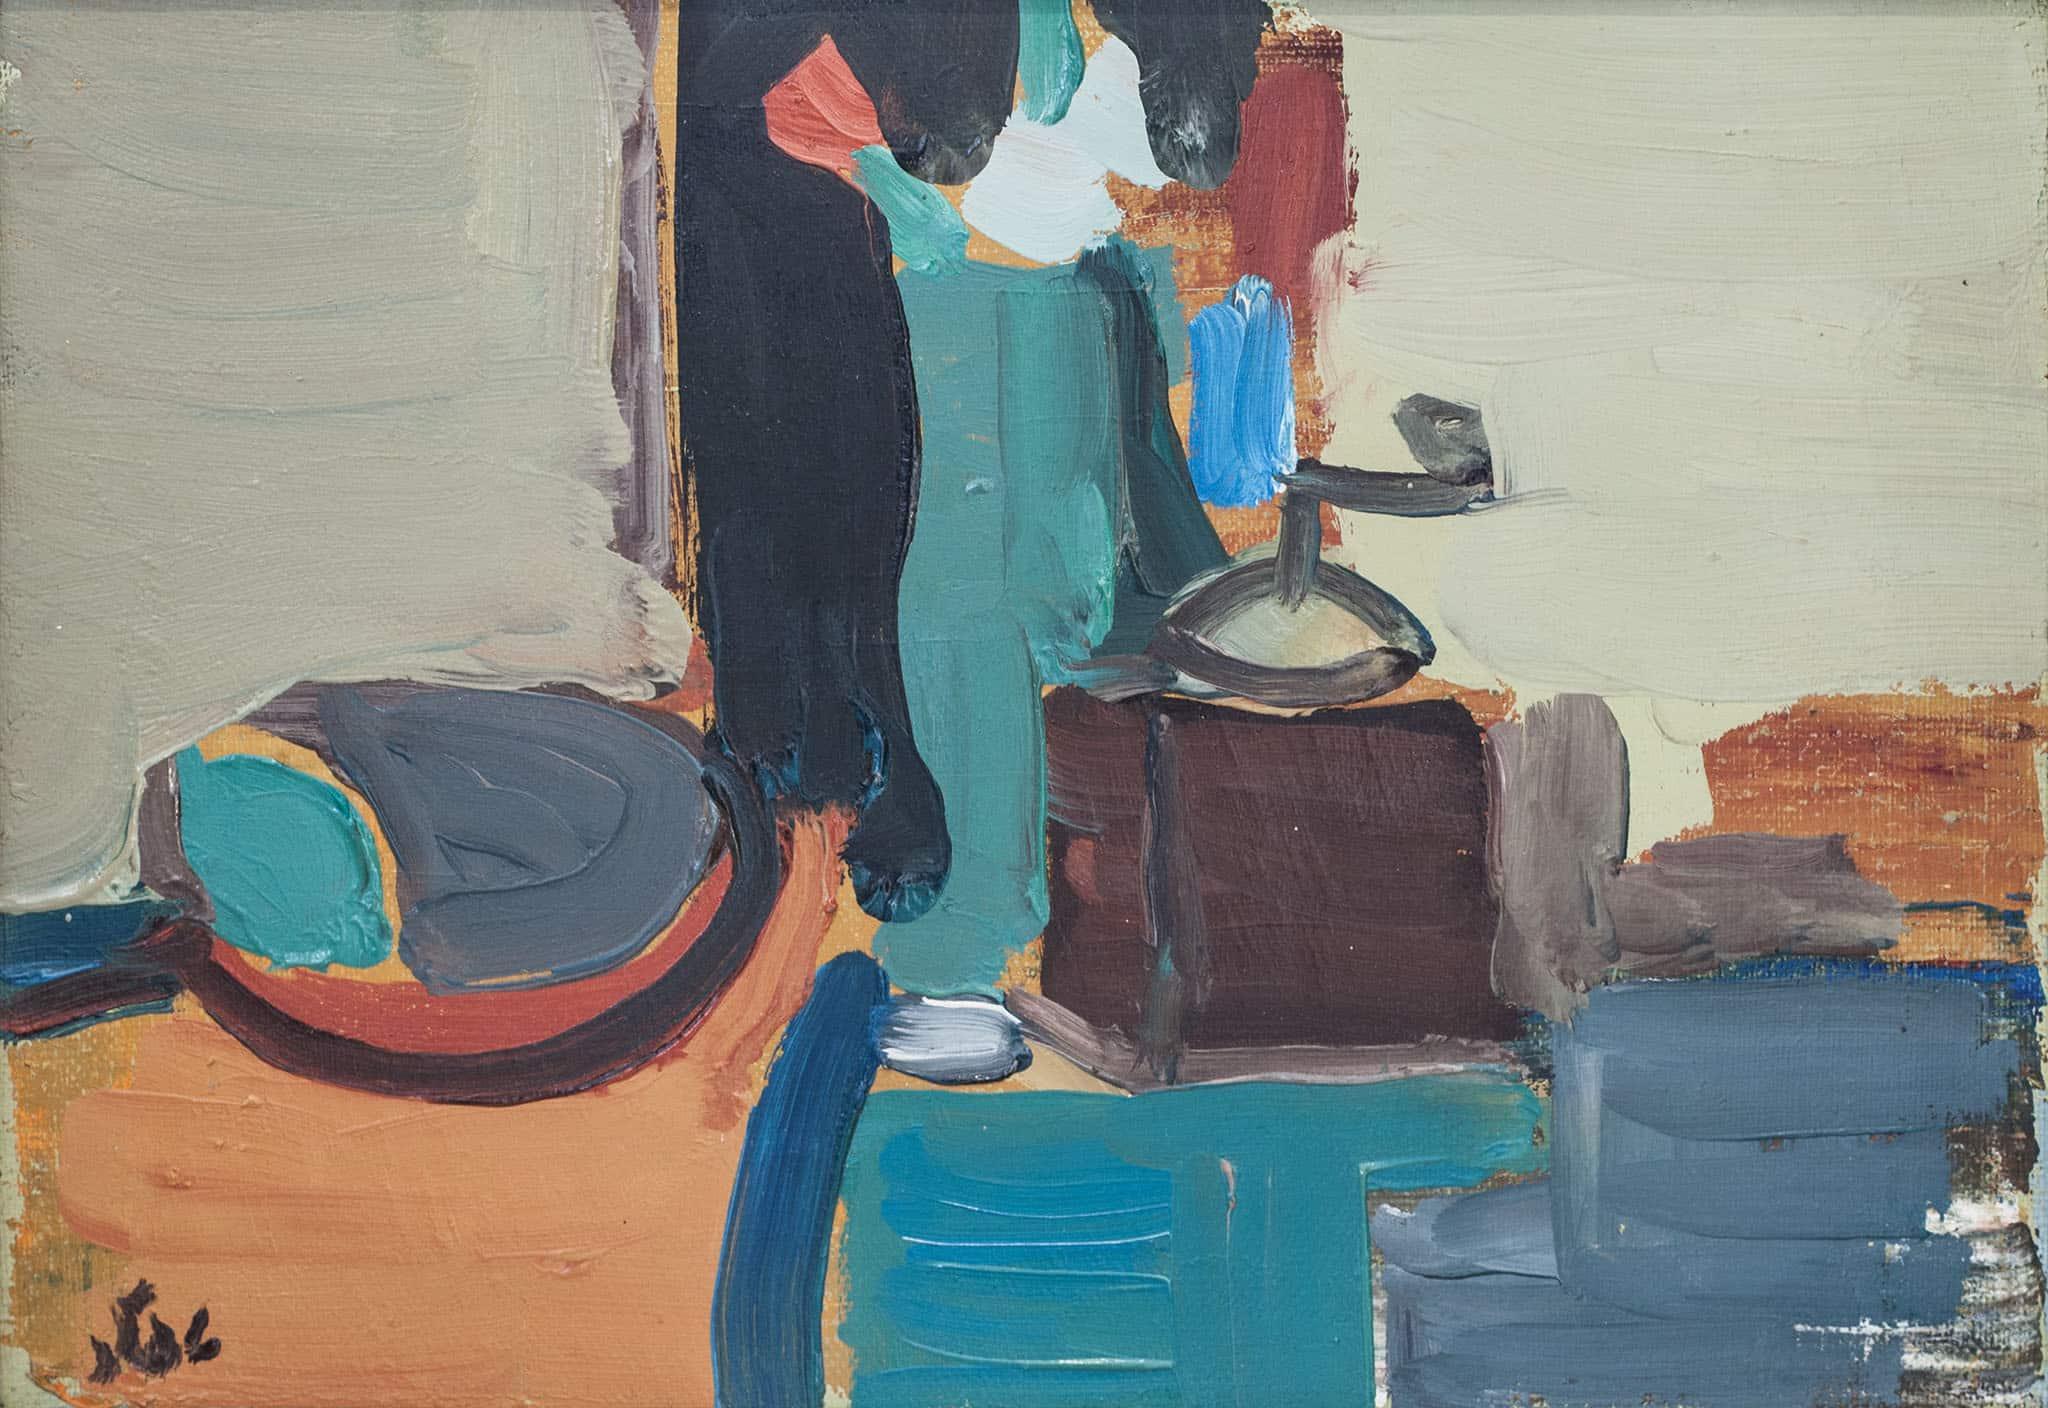 """שמואל טפלר, """"טבע דומם"""", 1984, שמן על לוח עץ, 32x22 ס""""מ"""